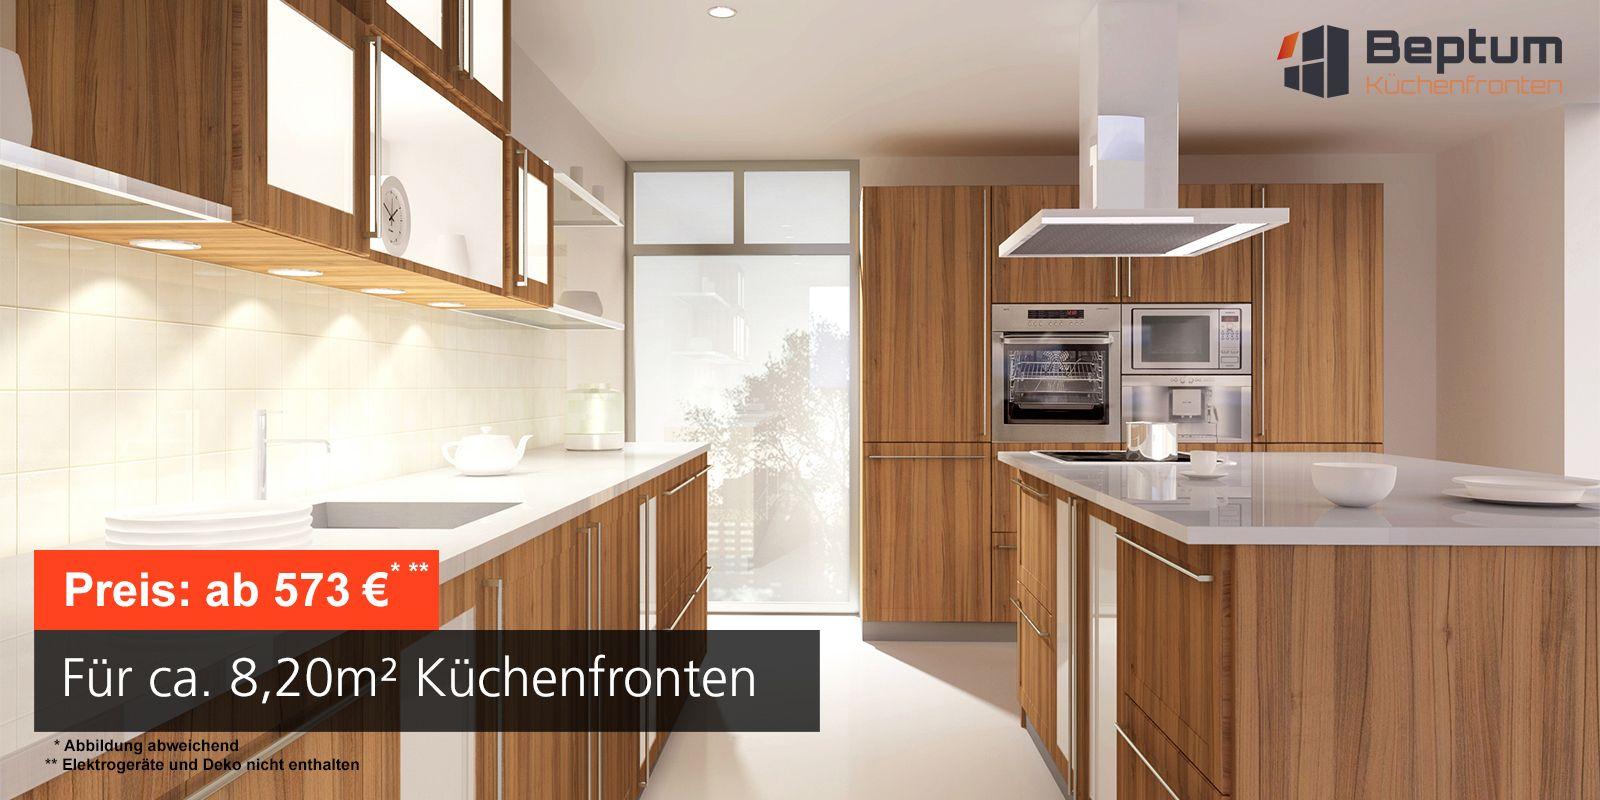 Bevorzugt Küchenfronten nach Maß - direkt vom Hersteller Beptum HD63